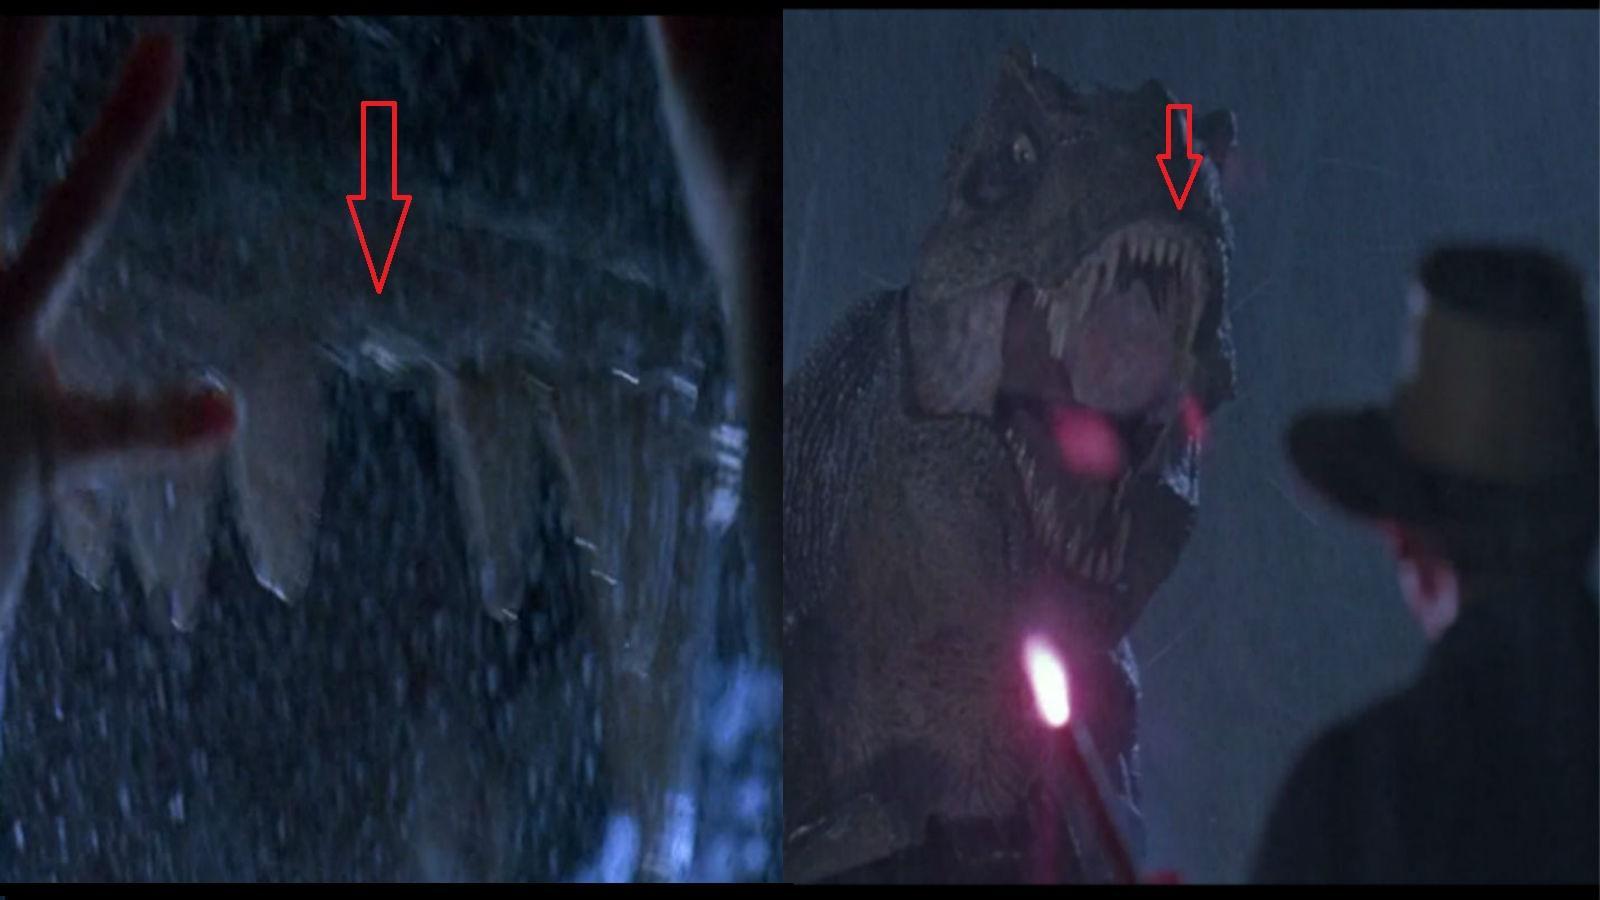 A jelenetben, ahol a T-Rex áttöri az üvegtetőt, az üveg kitöri az egyik első fogát, még az is látszik, ahogy a fog elrepül. A következő közelin még ott a helye, de láss csodát, az ezt követő részben már visszanőtt!  (Universal Pictures)